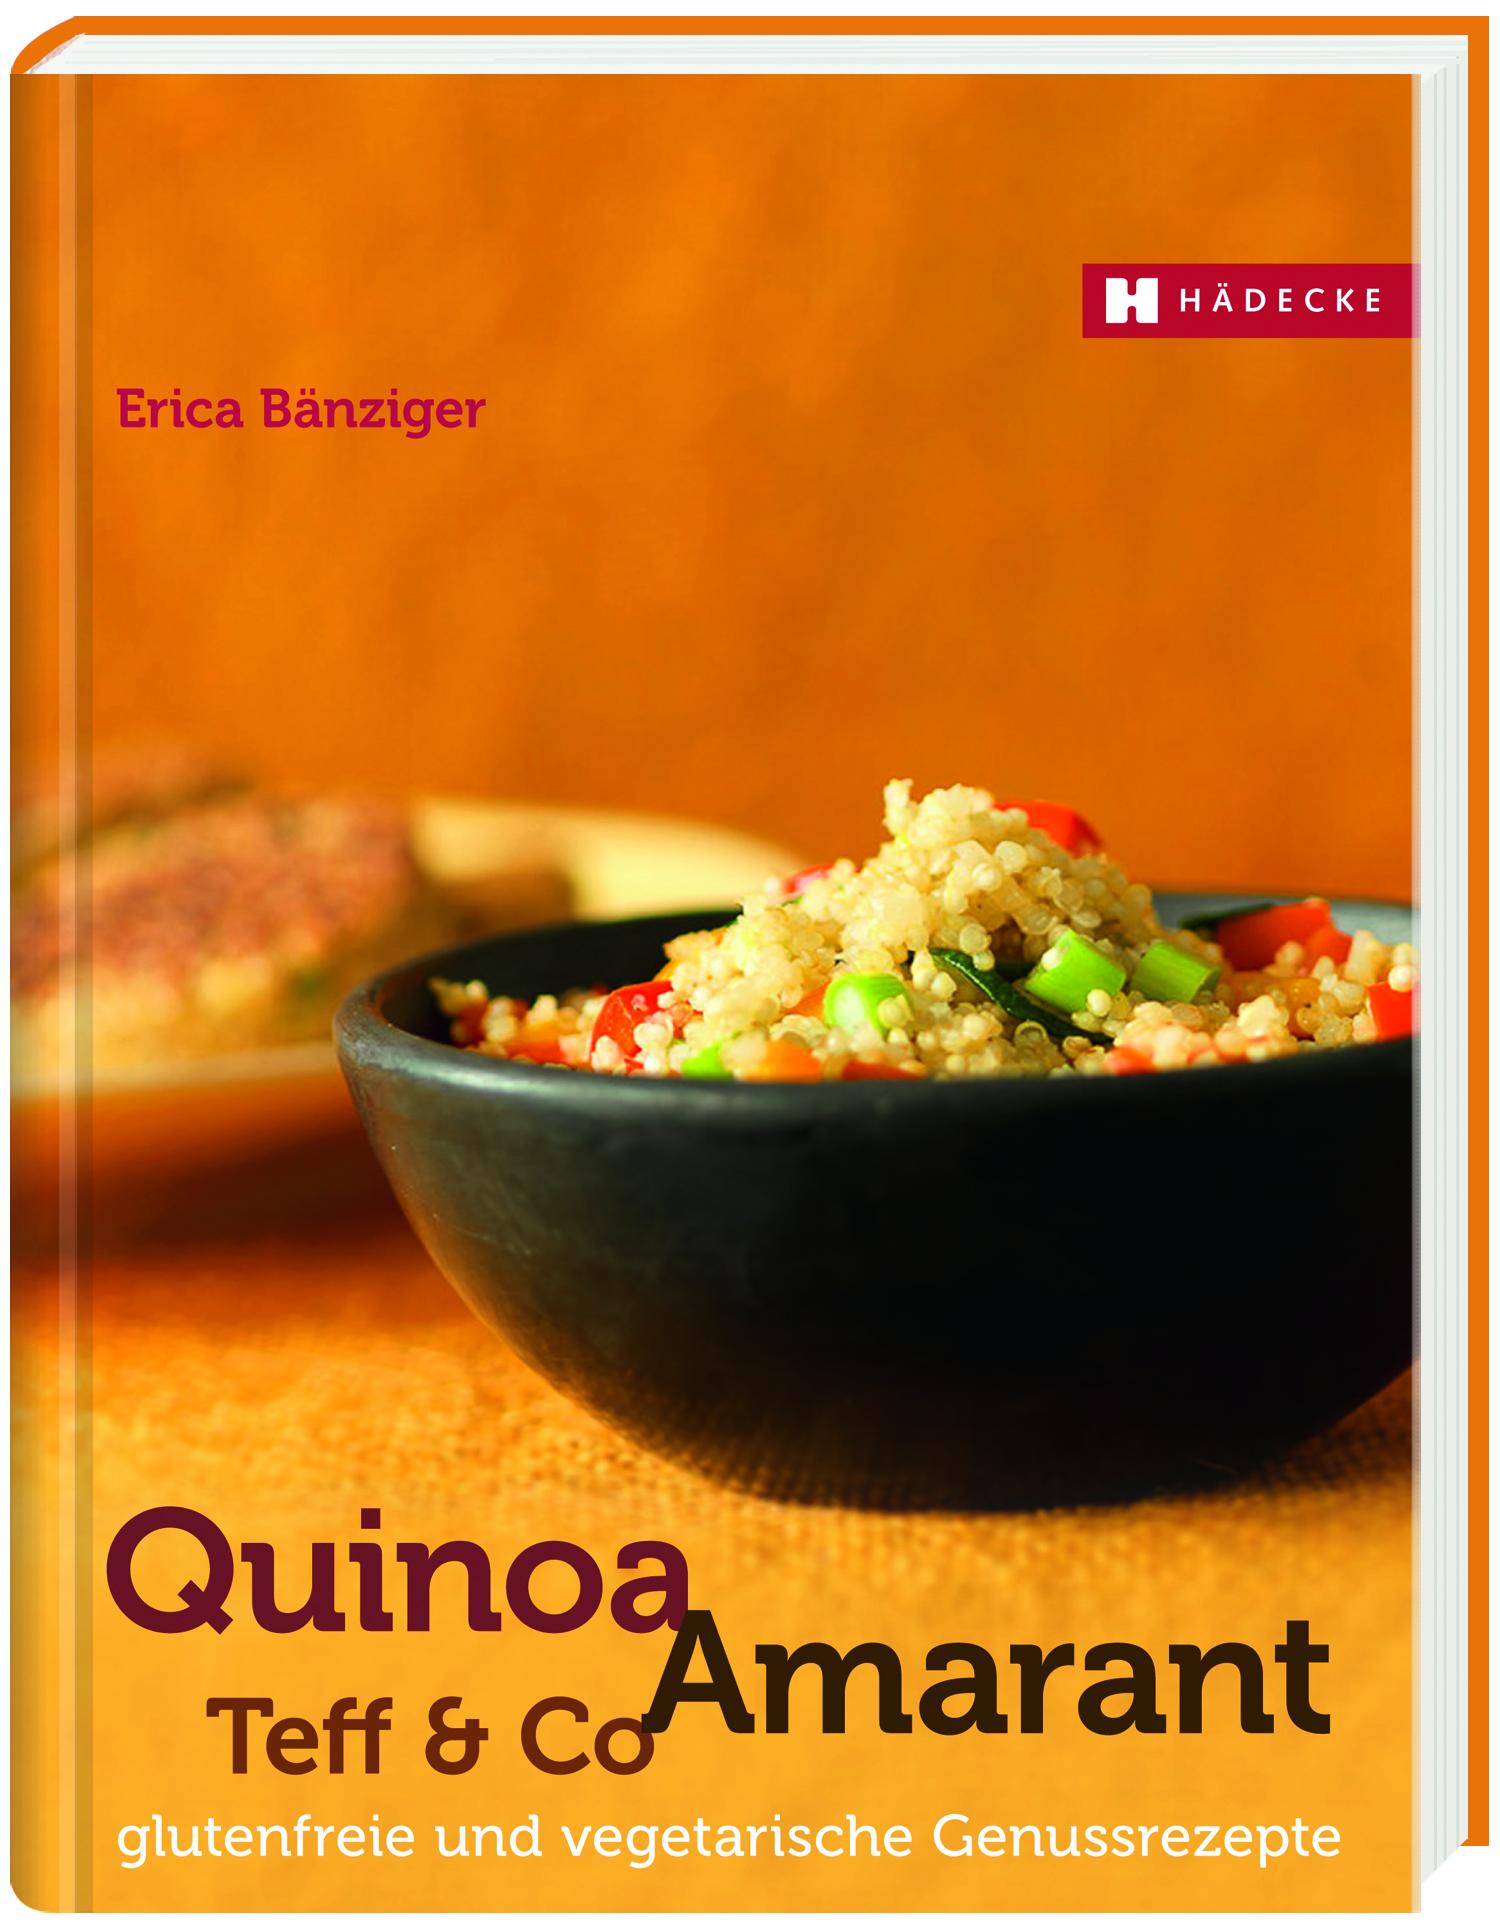 https://proveg.com/de/wp-content/uploads/sites/5/2018/10/Quinoa-Amarant-Teff-Co.jpg